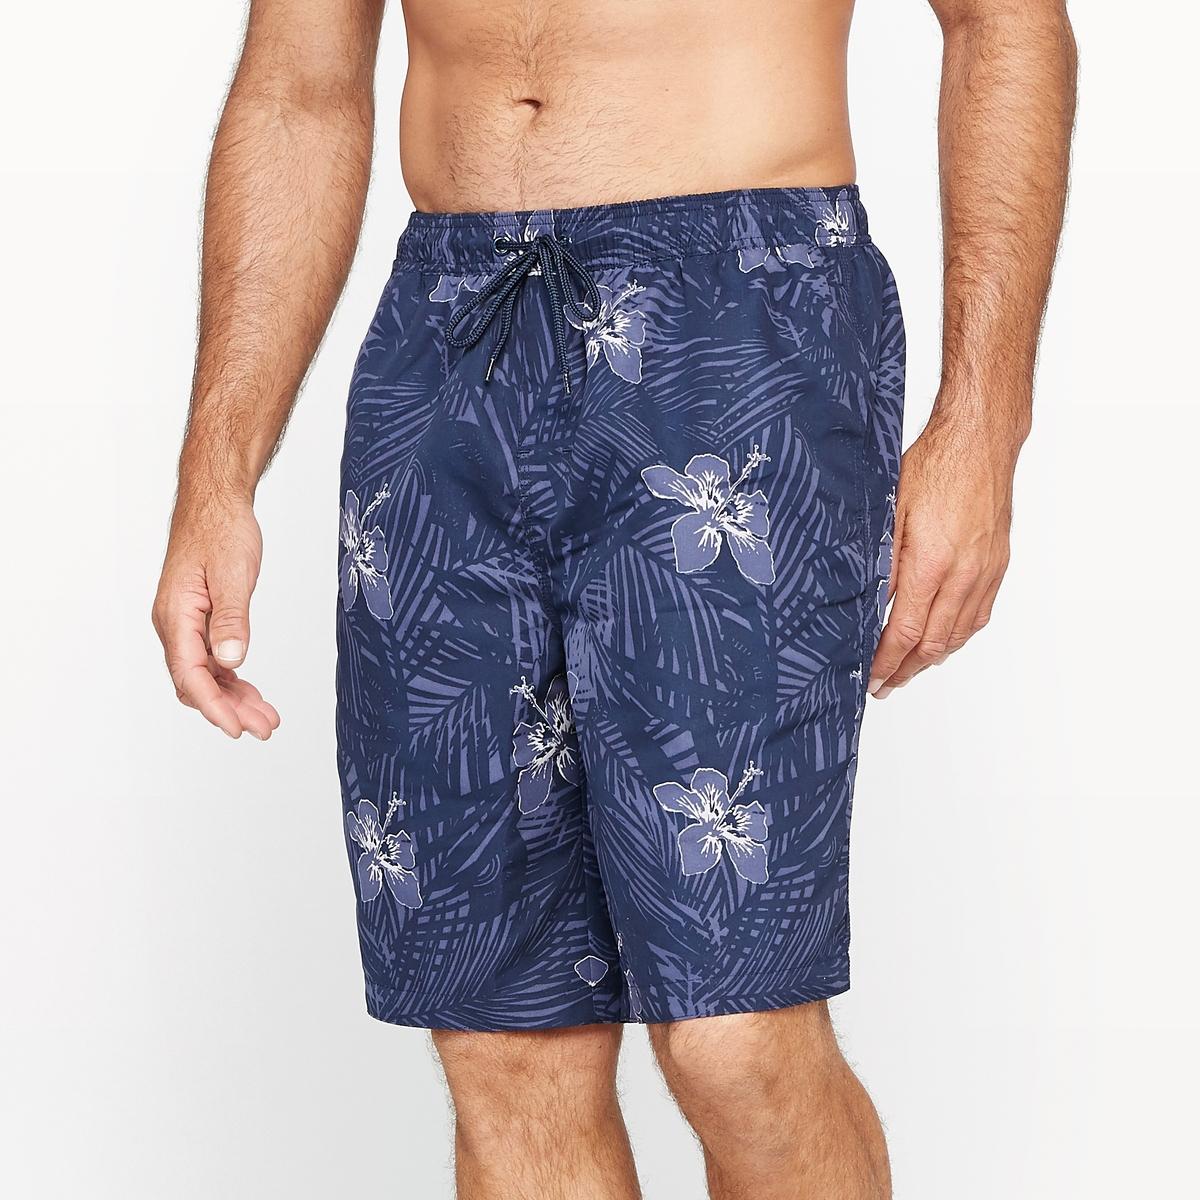 Плавки-боксеры с рисунком пальмовые листьяМатериал : ткань 100 % полиэстер, мягкая на ощупь .Длина до колена. Длина по внутр.шву 25 см.Марка : CASTALUNA FOR MEN.Уход : Машинная стирка при 30 °C.<br><br>Цвет: наб. рисунок синий<br>Размер: 46/48.66/68.62/64.54/56.50/52